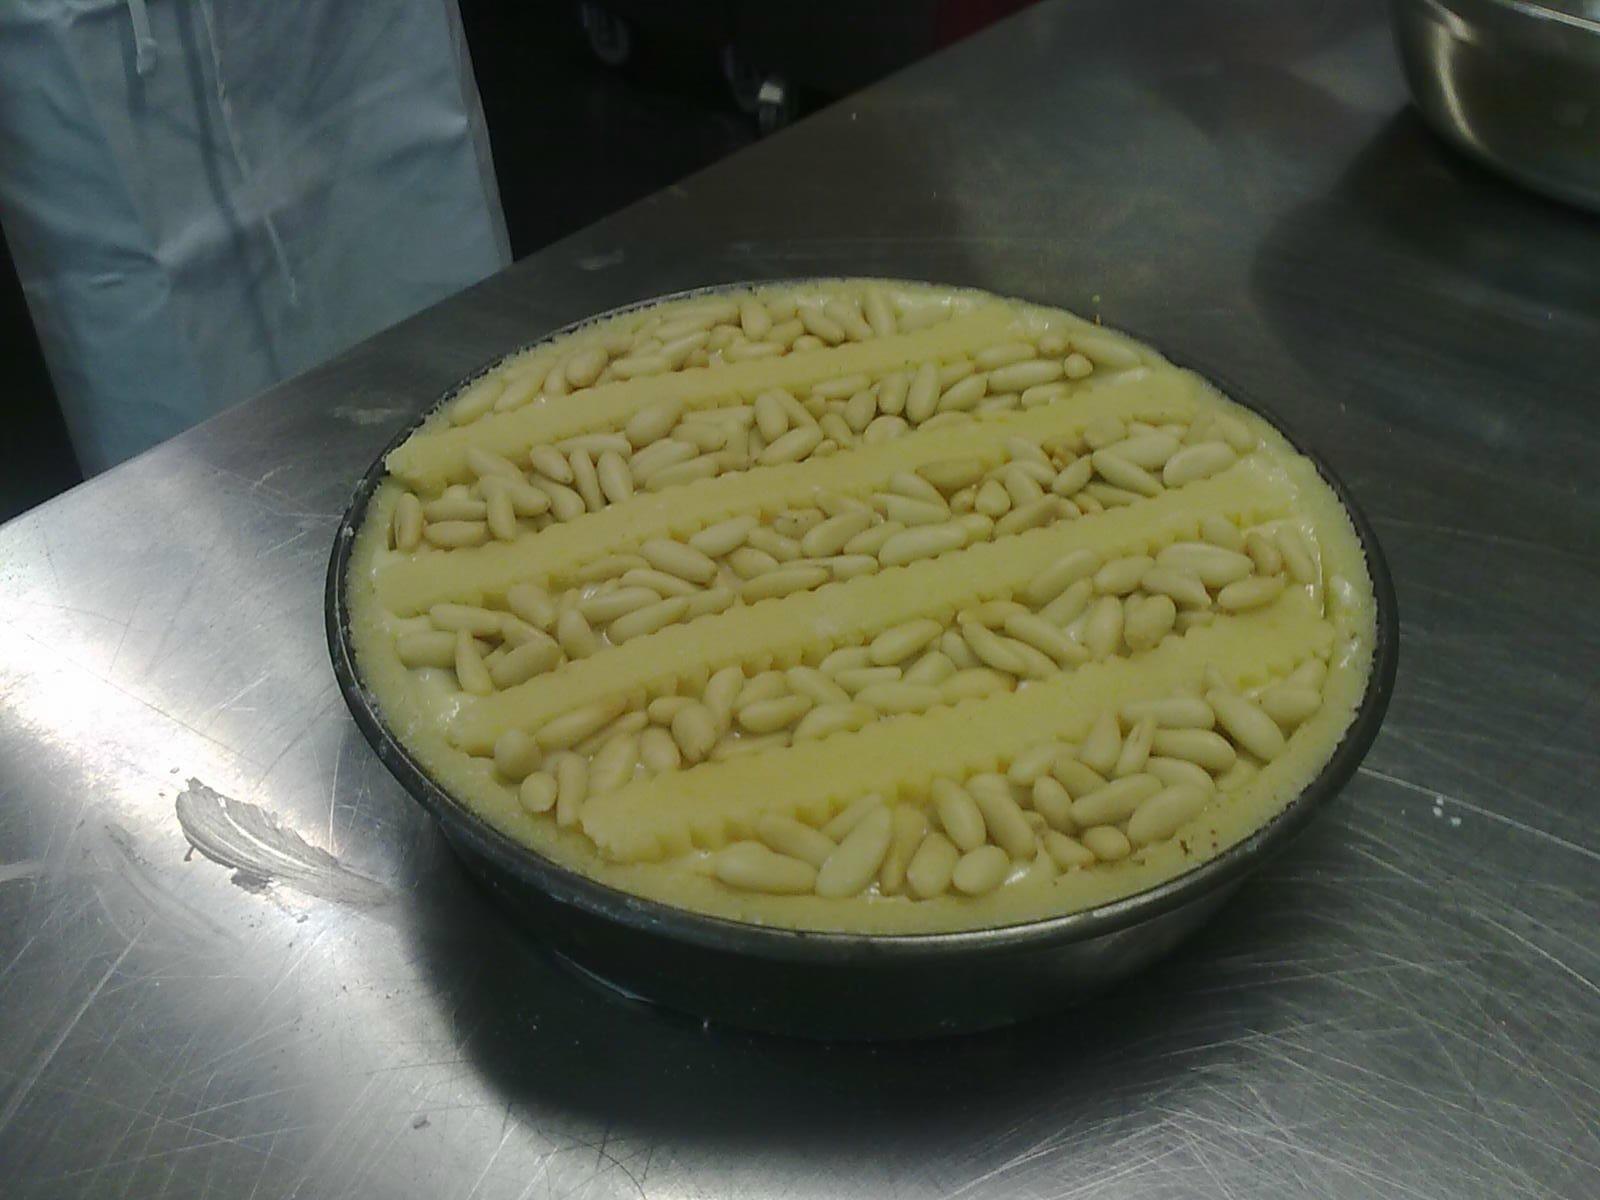 Torte Da Credenza Ricette : Acqua e farina sississima: ottava lezione di pasticceria le